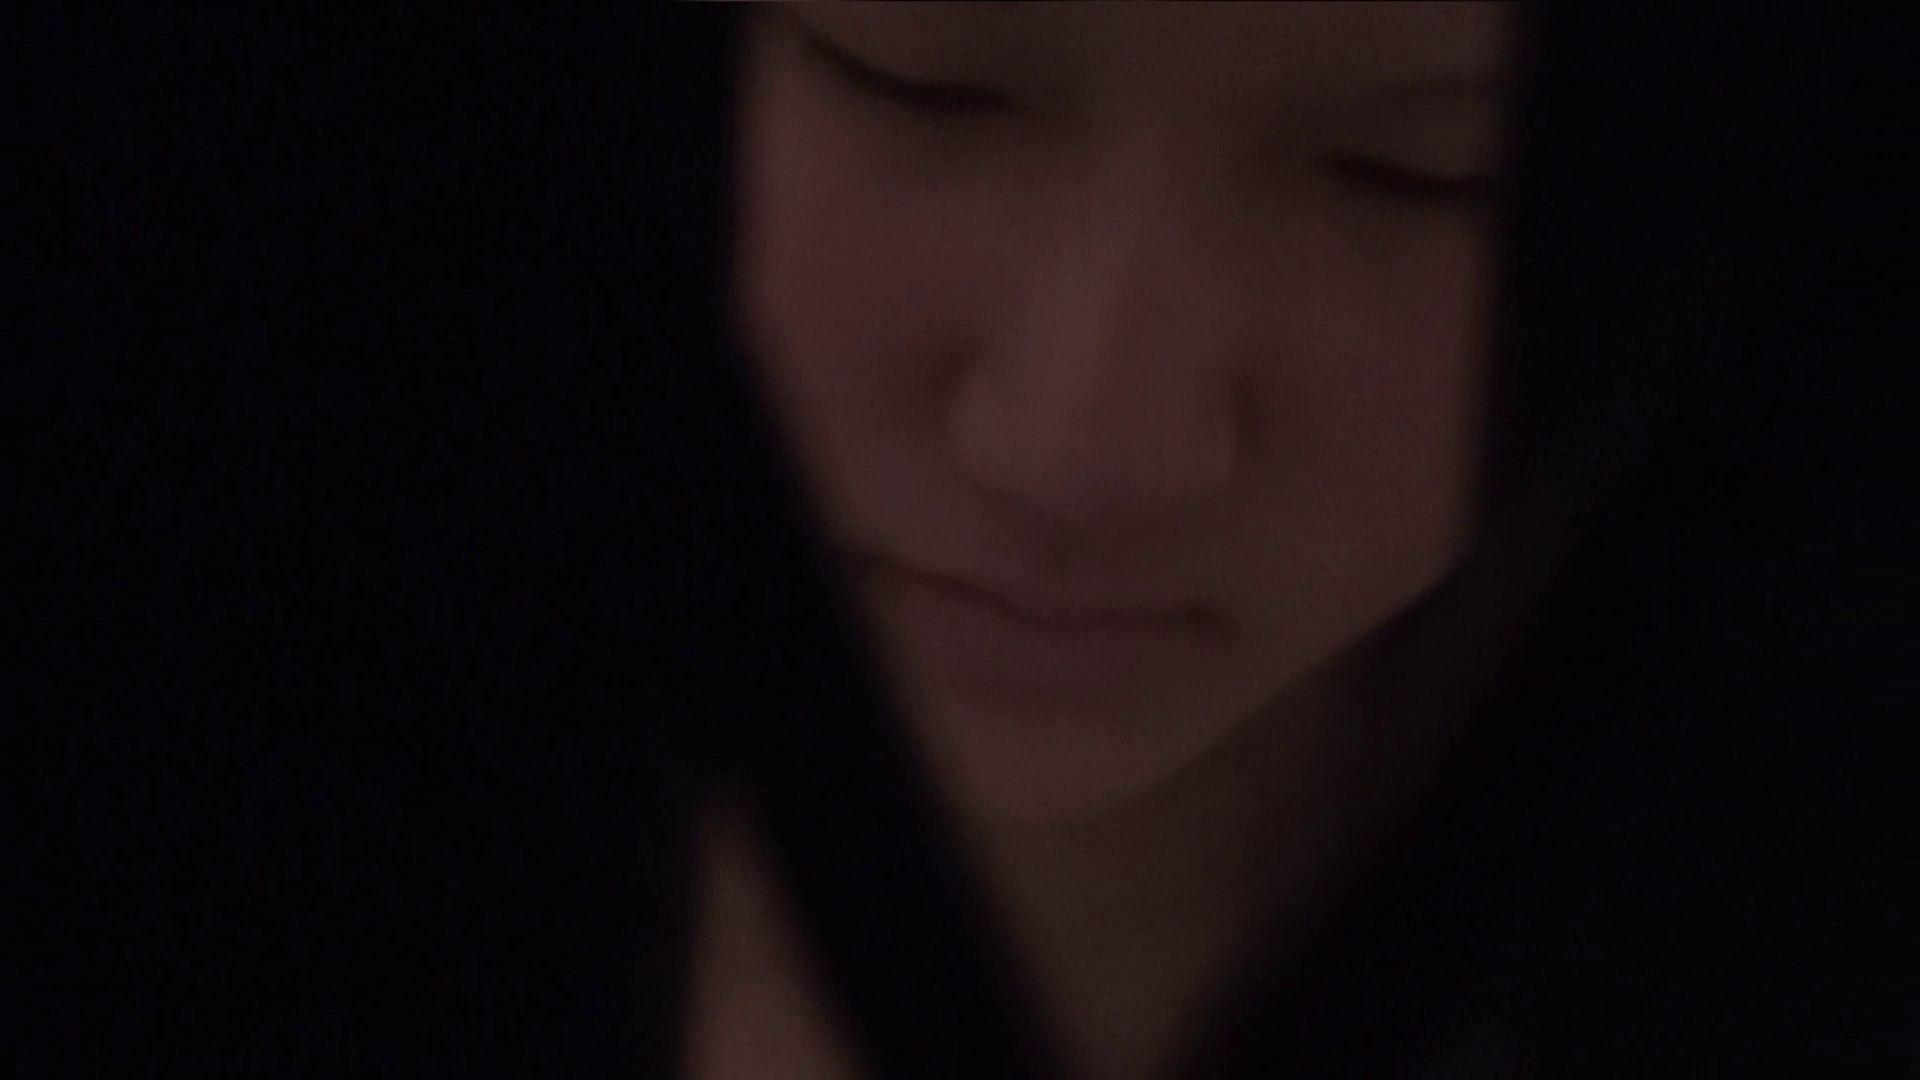 民家の騎士さんの最後の性戦ハイビジョン!!No.50 民家   おっぱい特集  46pic 35